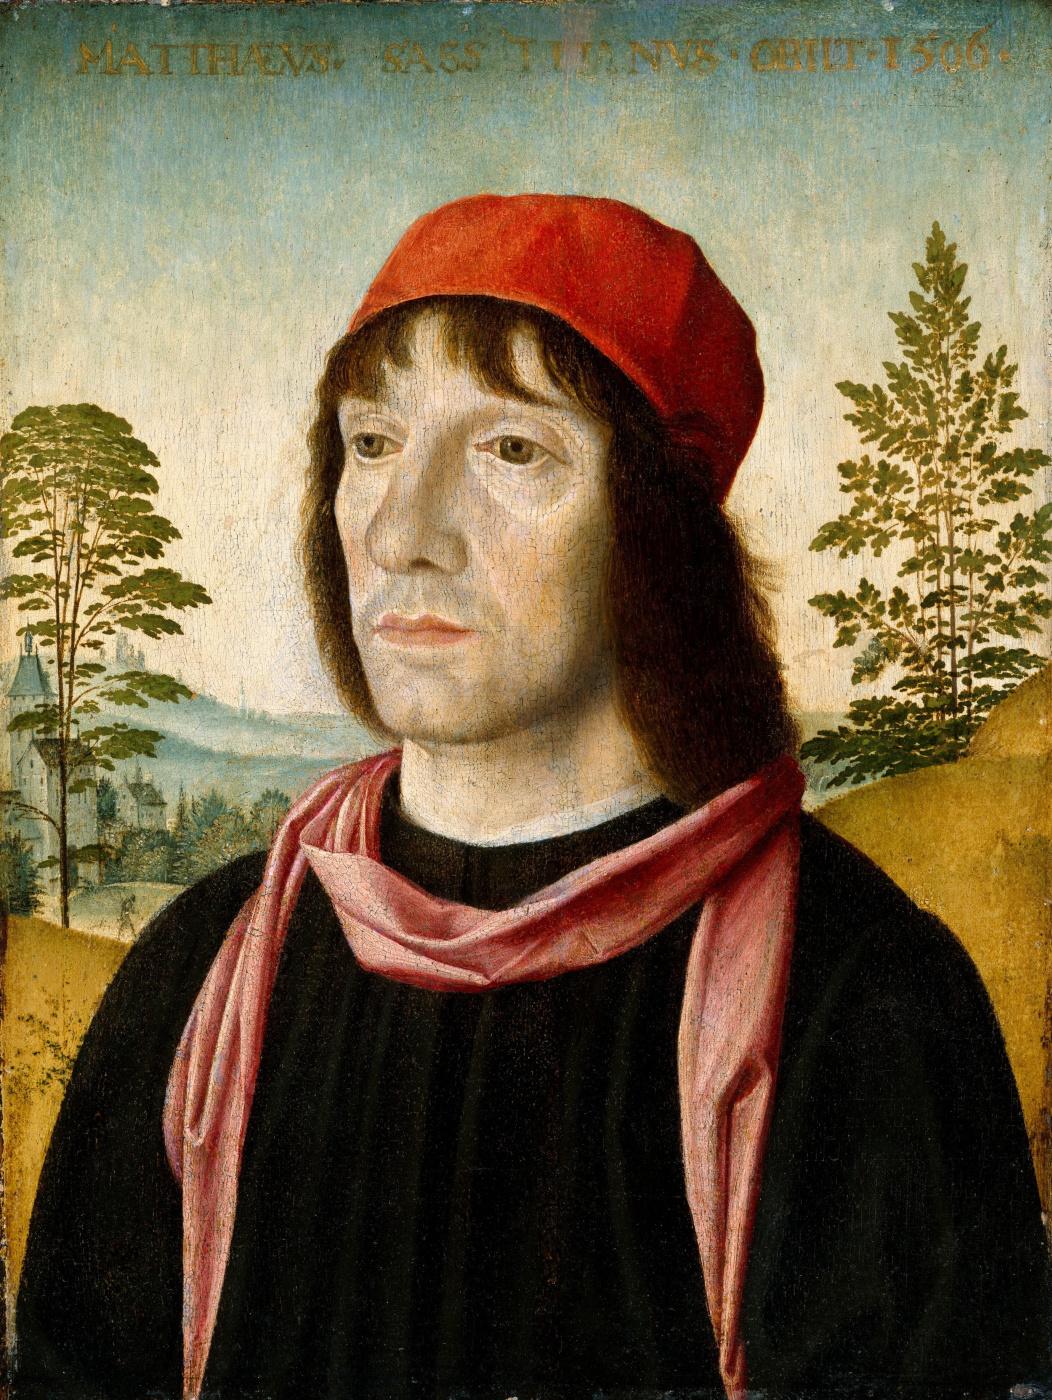 Фра Бартоломео. Portrait of a Man